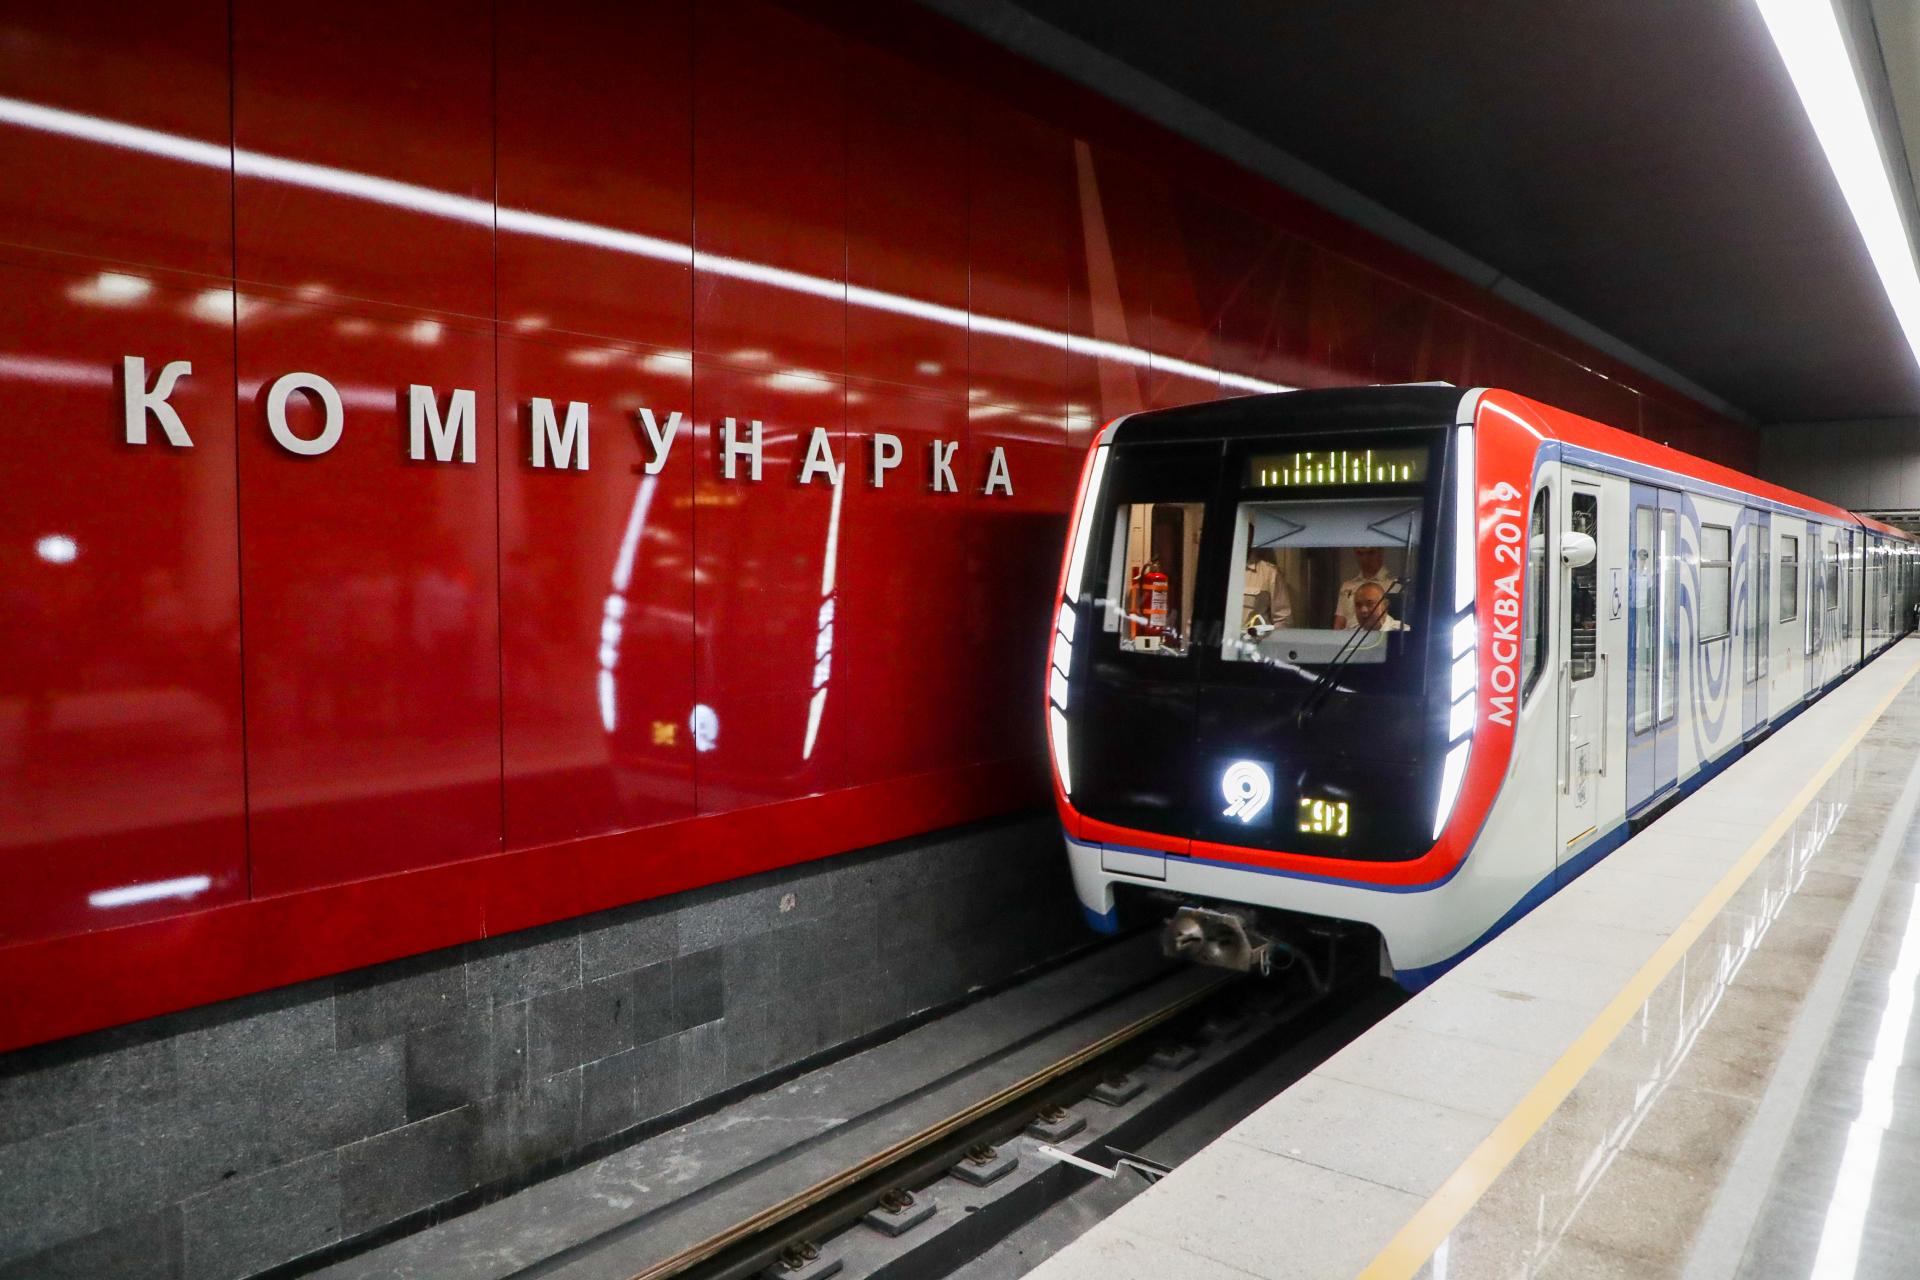 Поезд на станции «Коммунарка» Сокольнический линии Московского метрополитена в поселении Сосенское